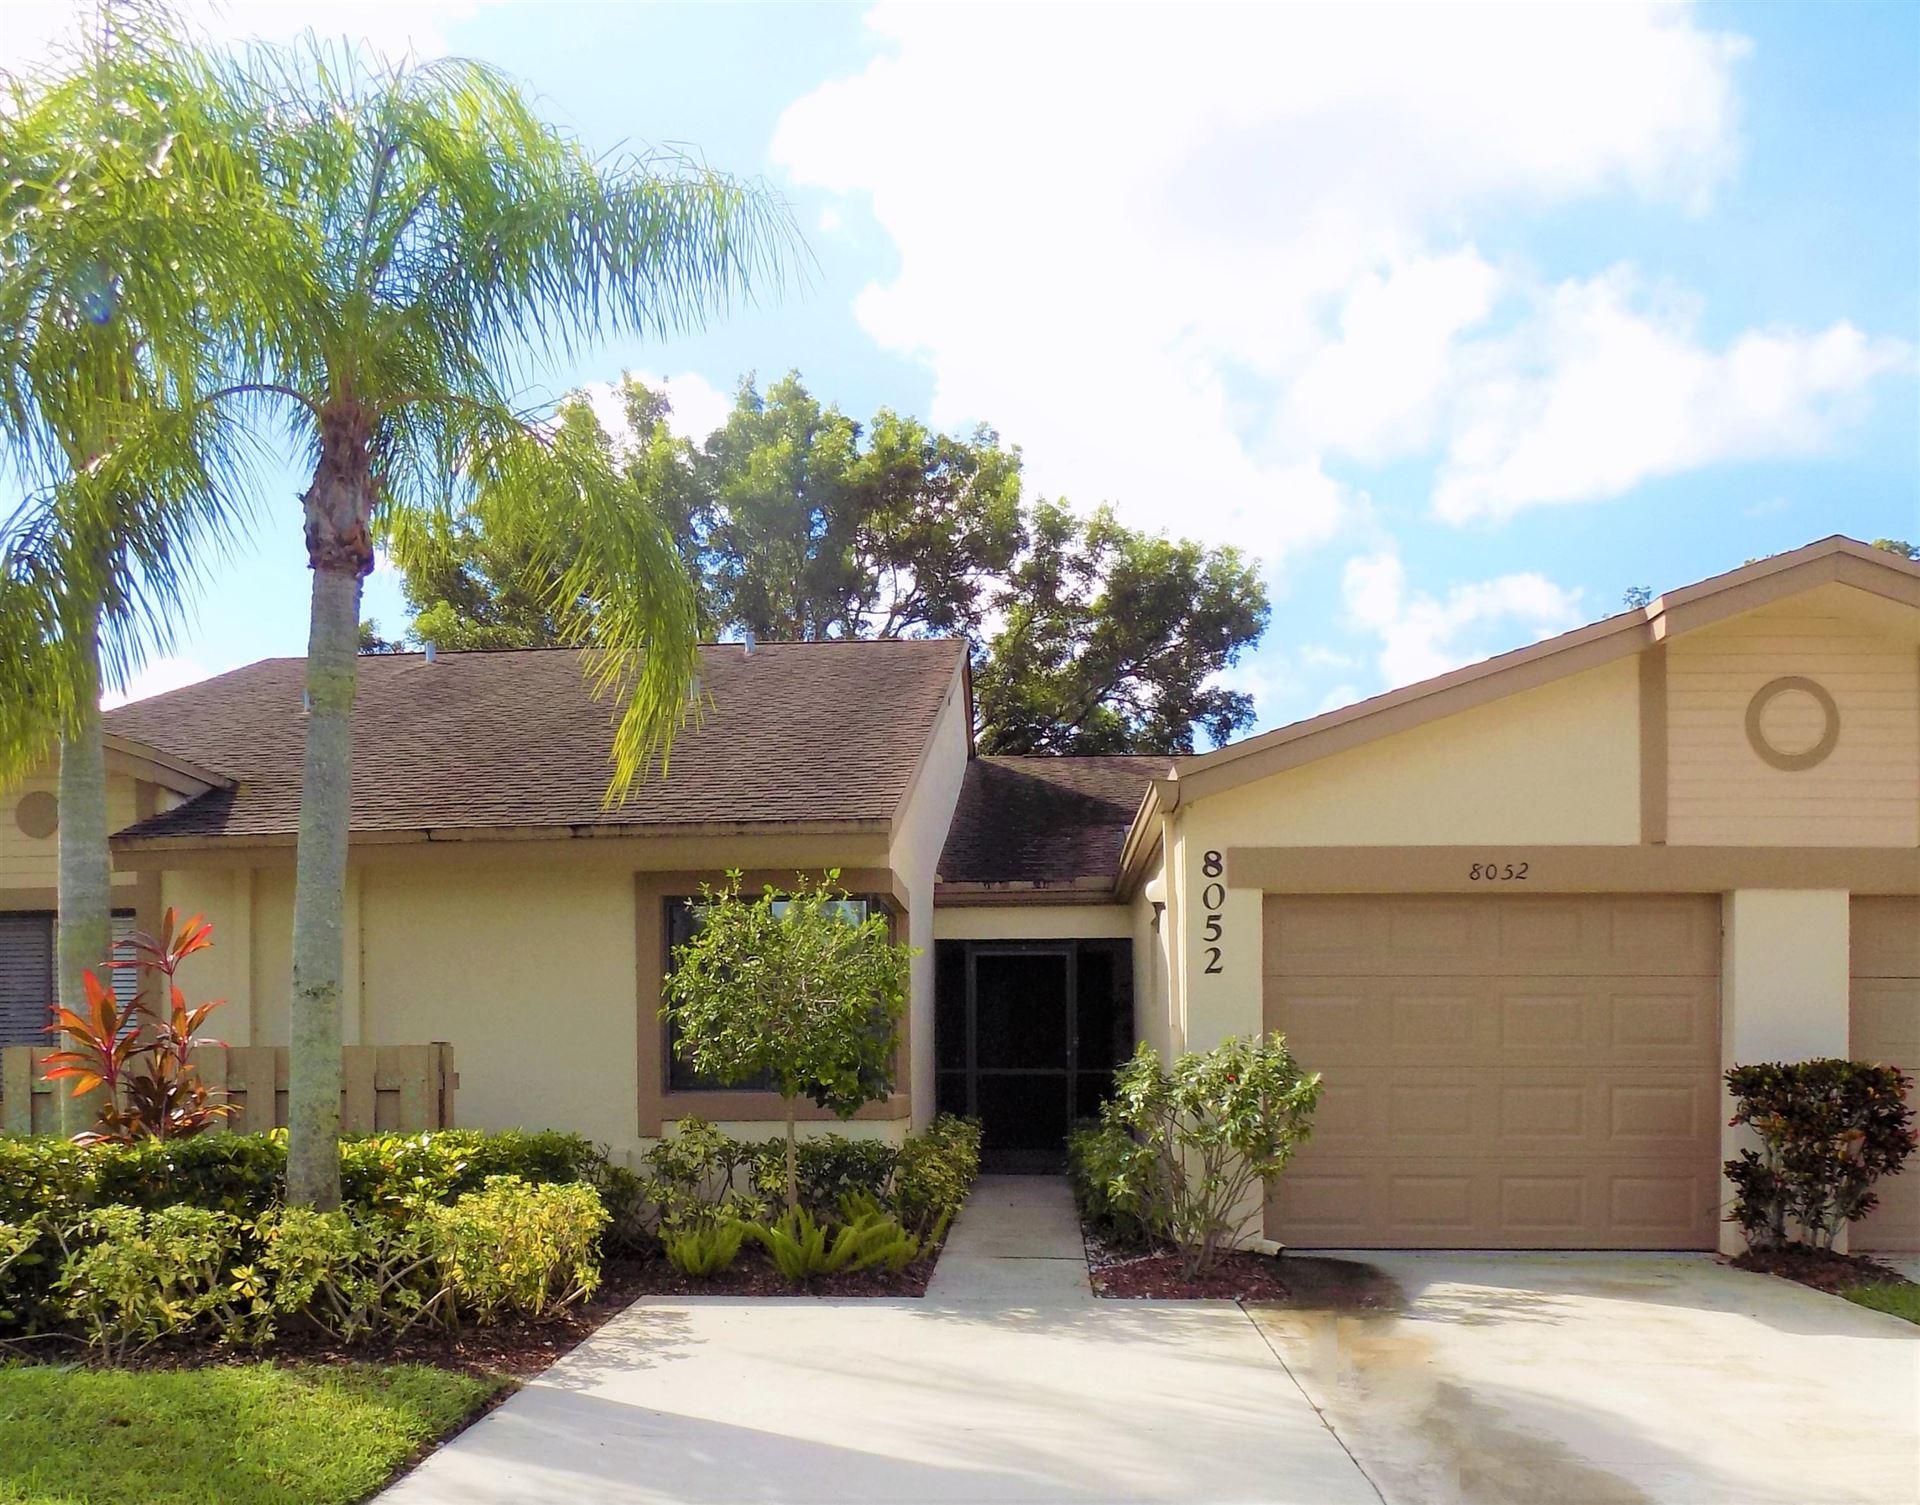 8052 Windgate Drive, Boca Raton, FL 33496 - #: RX-10664371